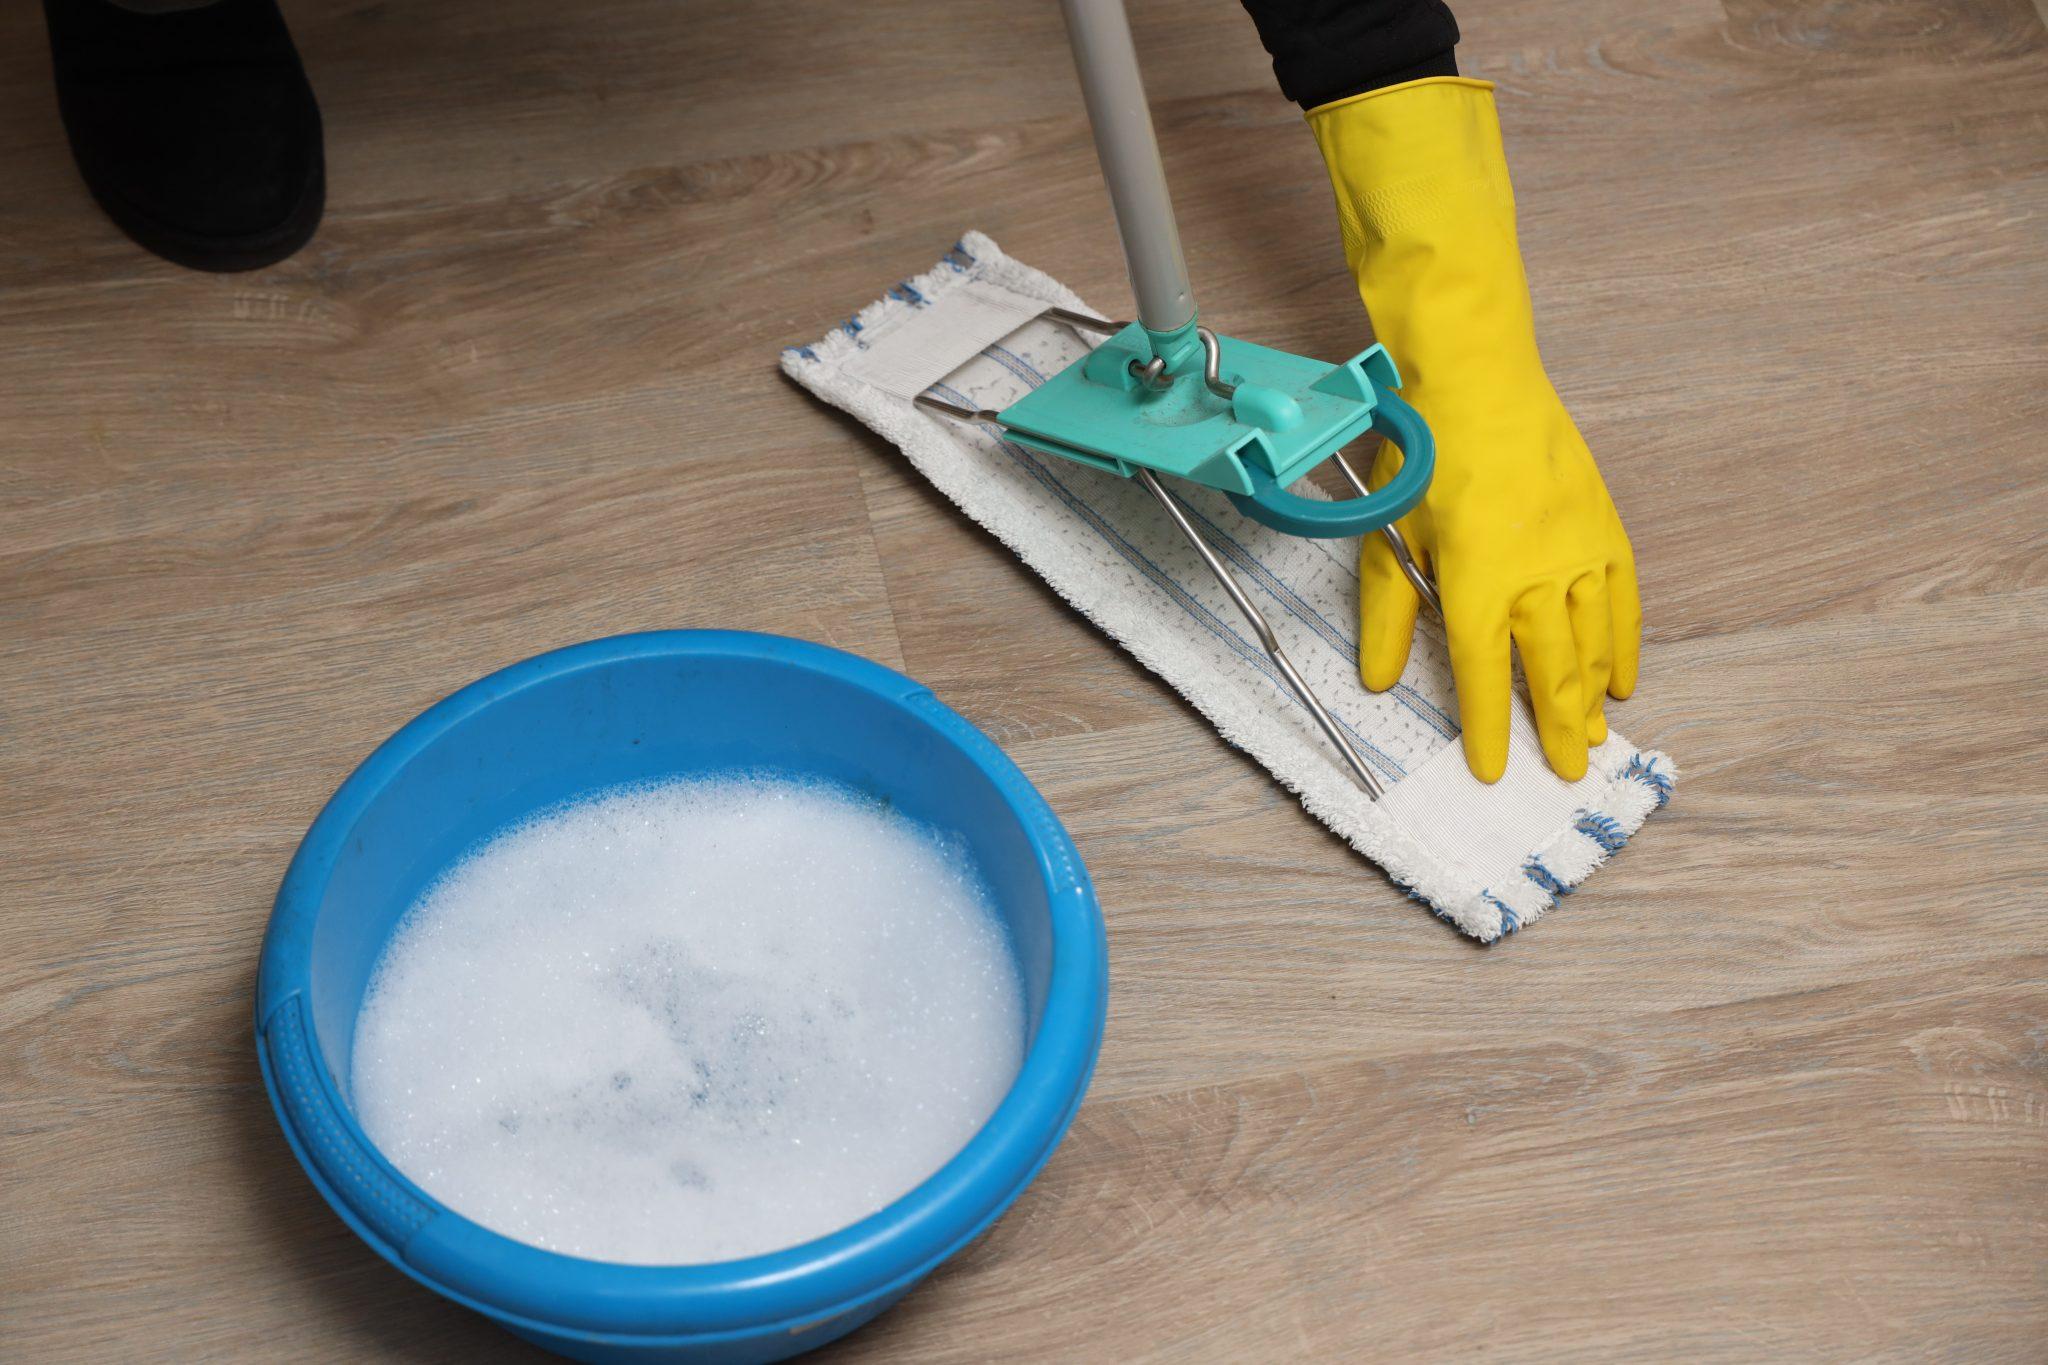 vloer dweilen met desinfecteer middel